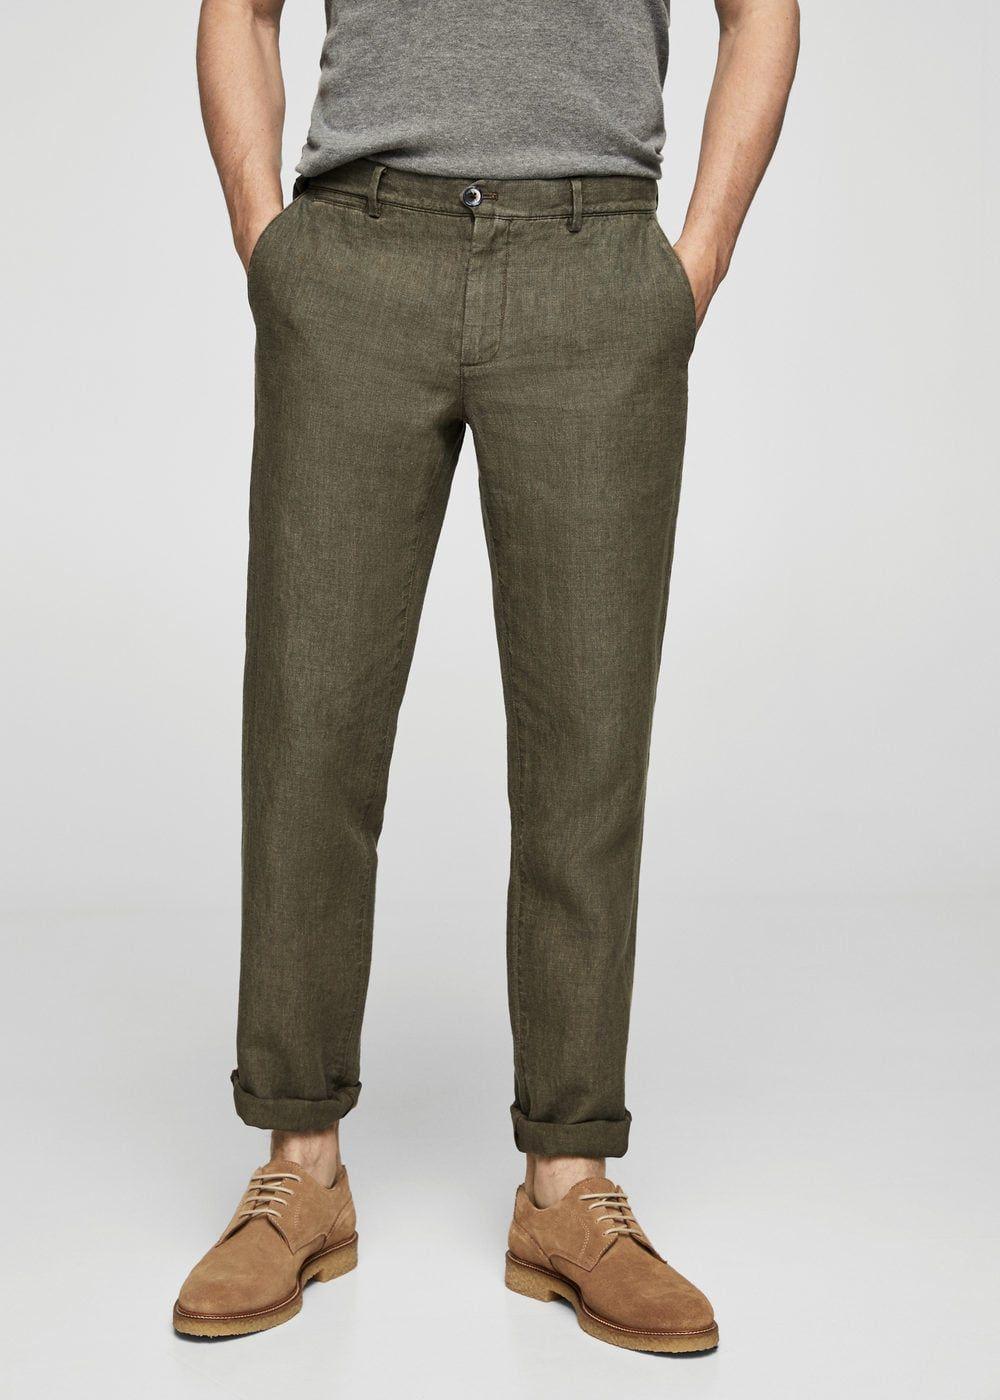 Linen chino trousers Men | Linen trousers men, Mens chino